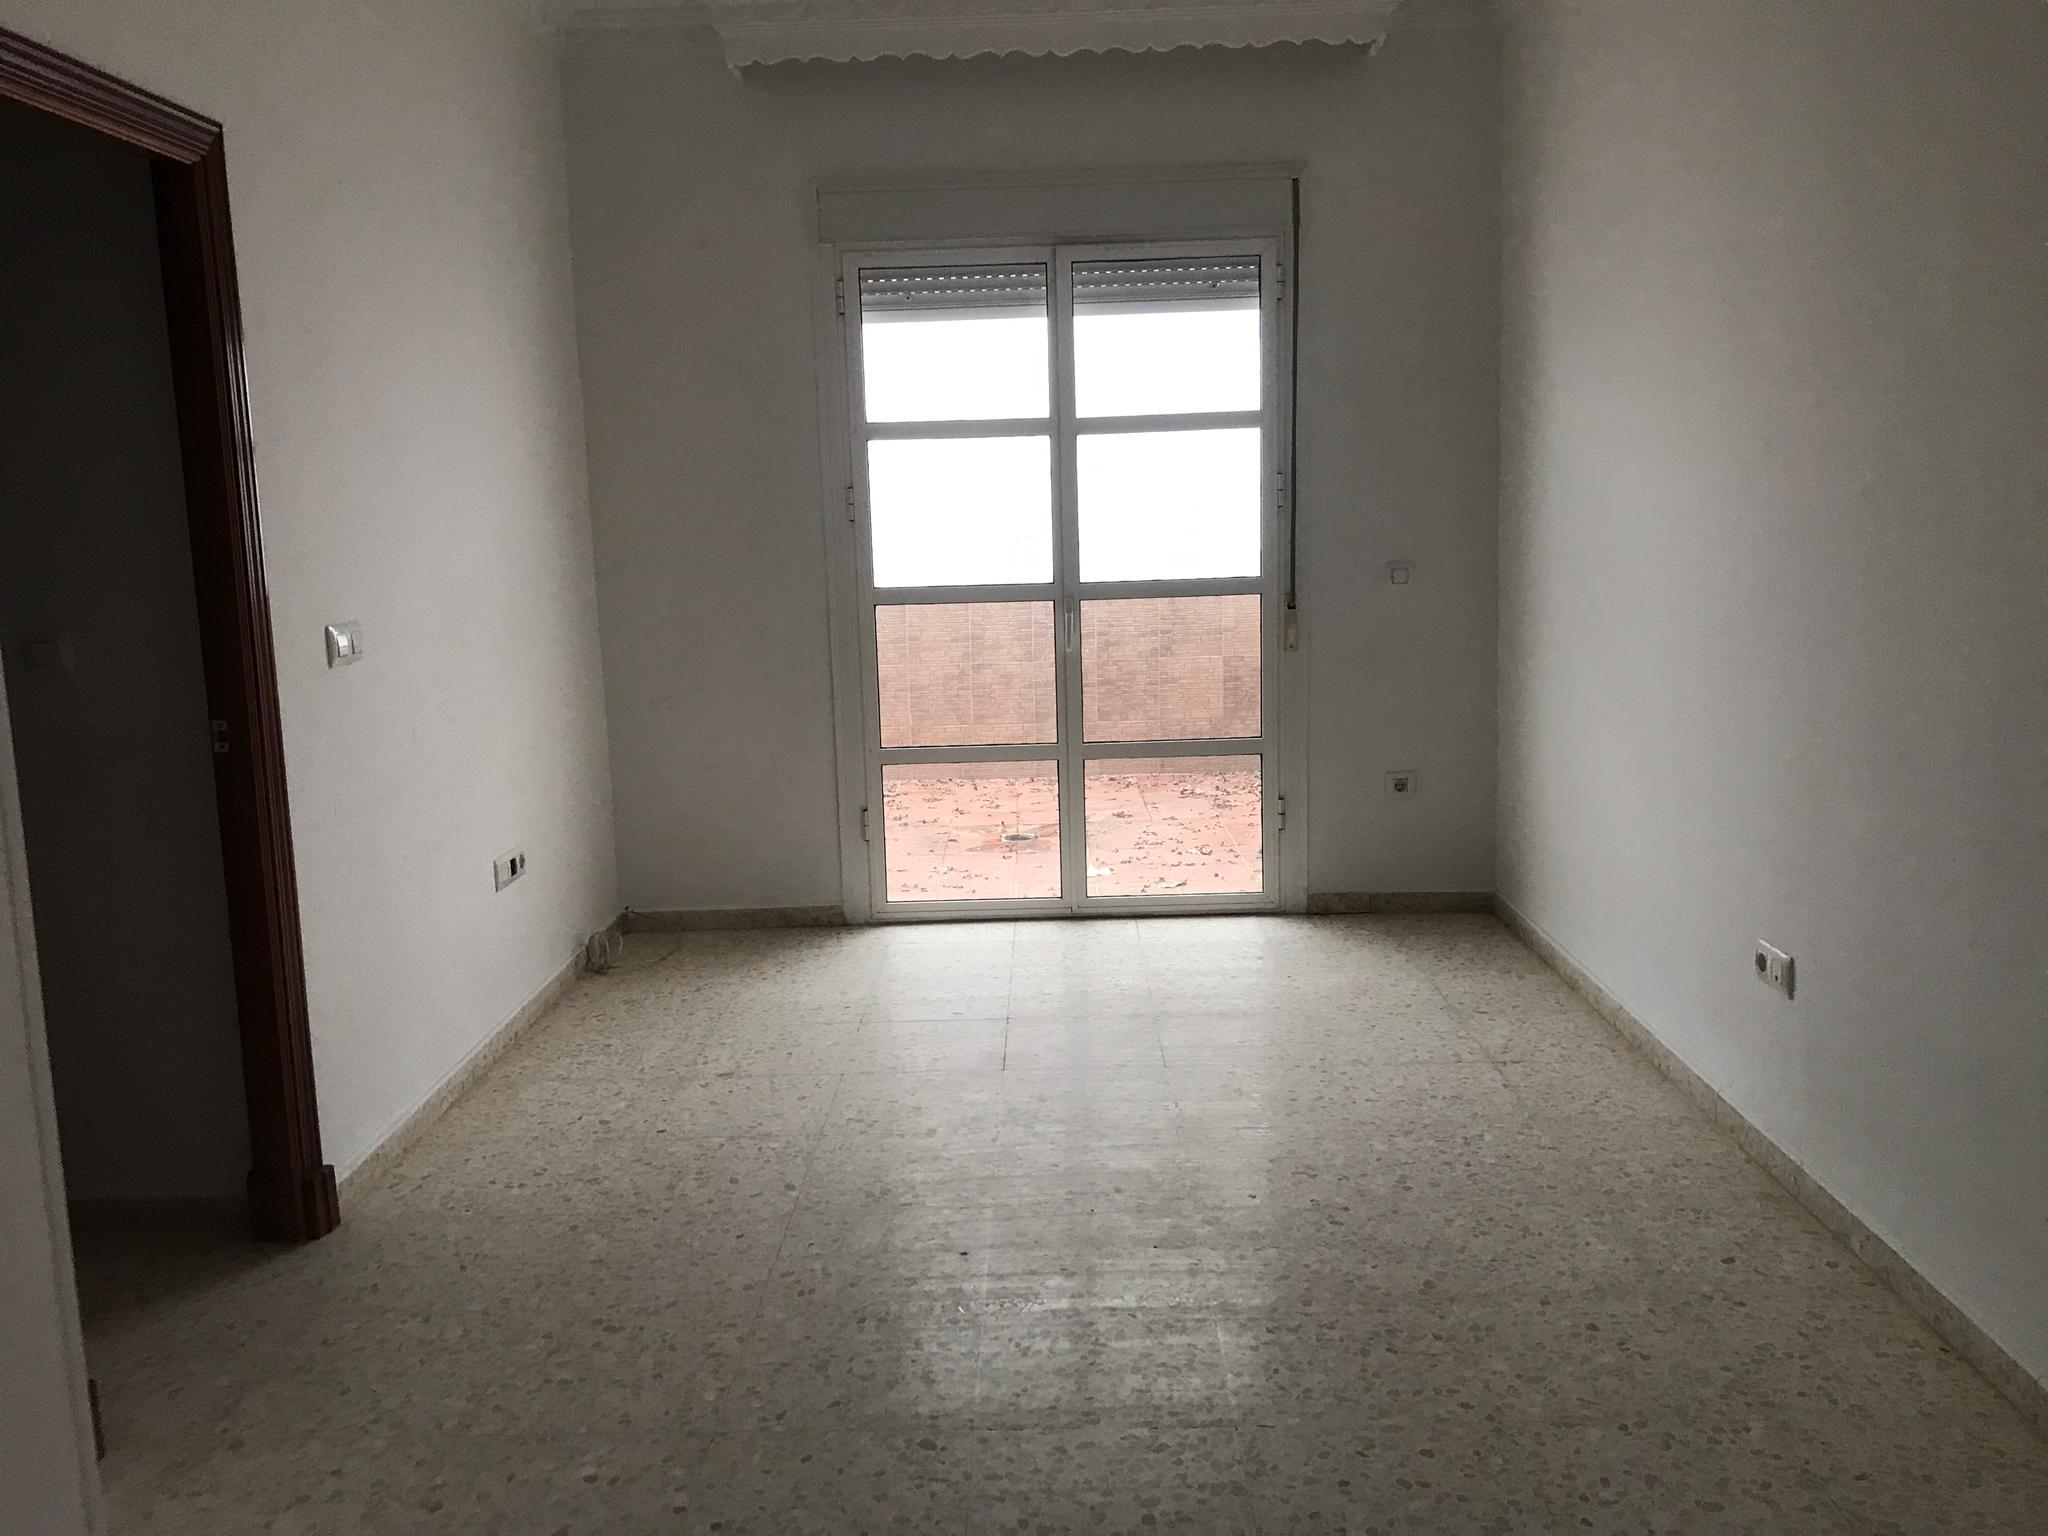 Piso en venta en Arcos de la Frontera, Cádiz, Calle Benaocaz, 75.000 €, 3 habitaciones, 96 m2